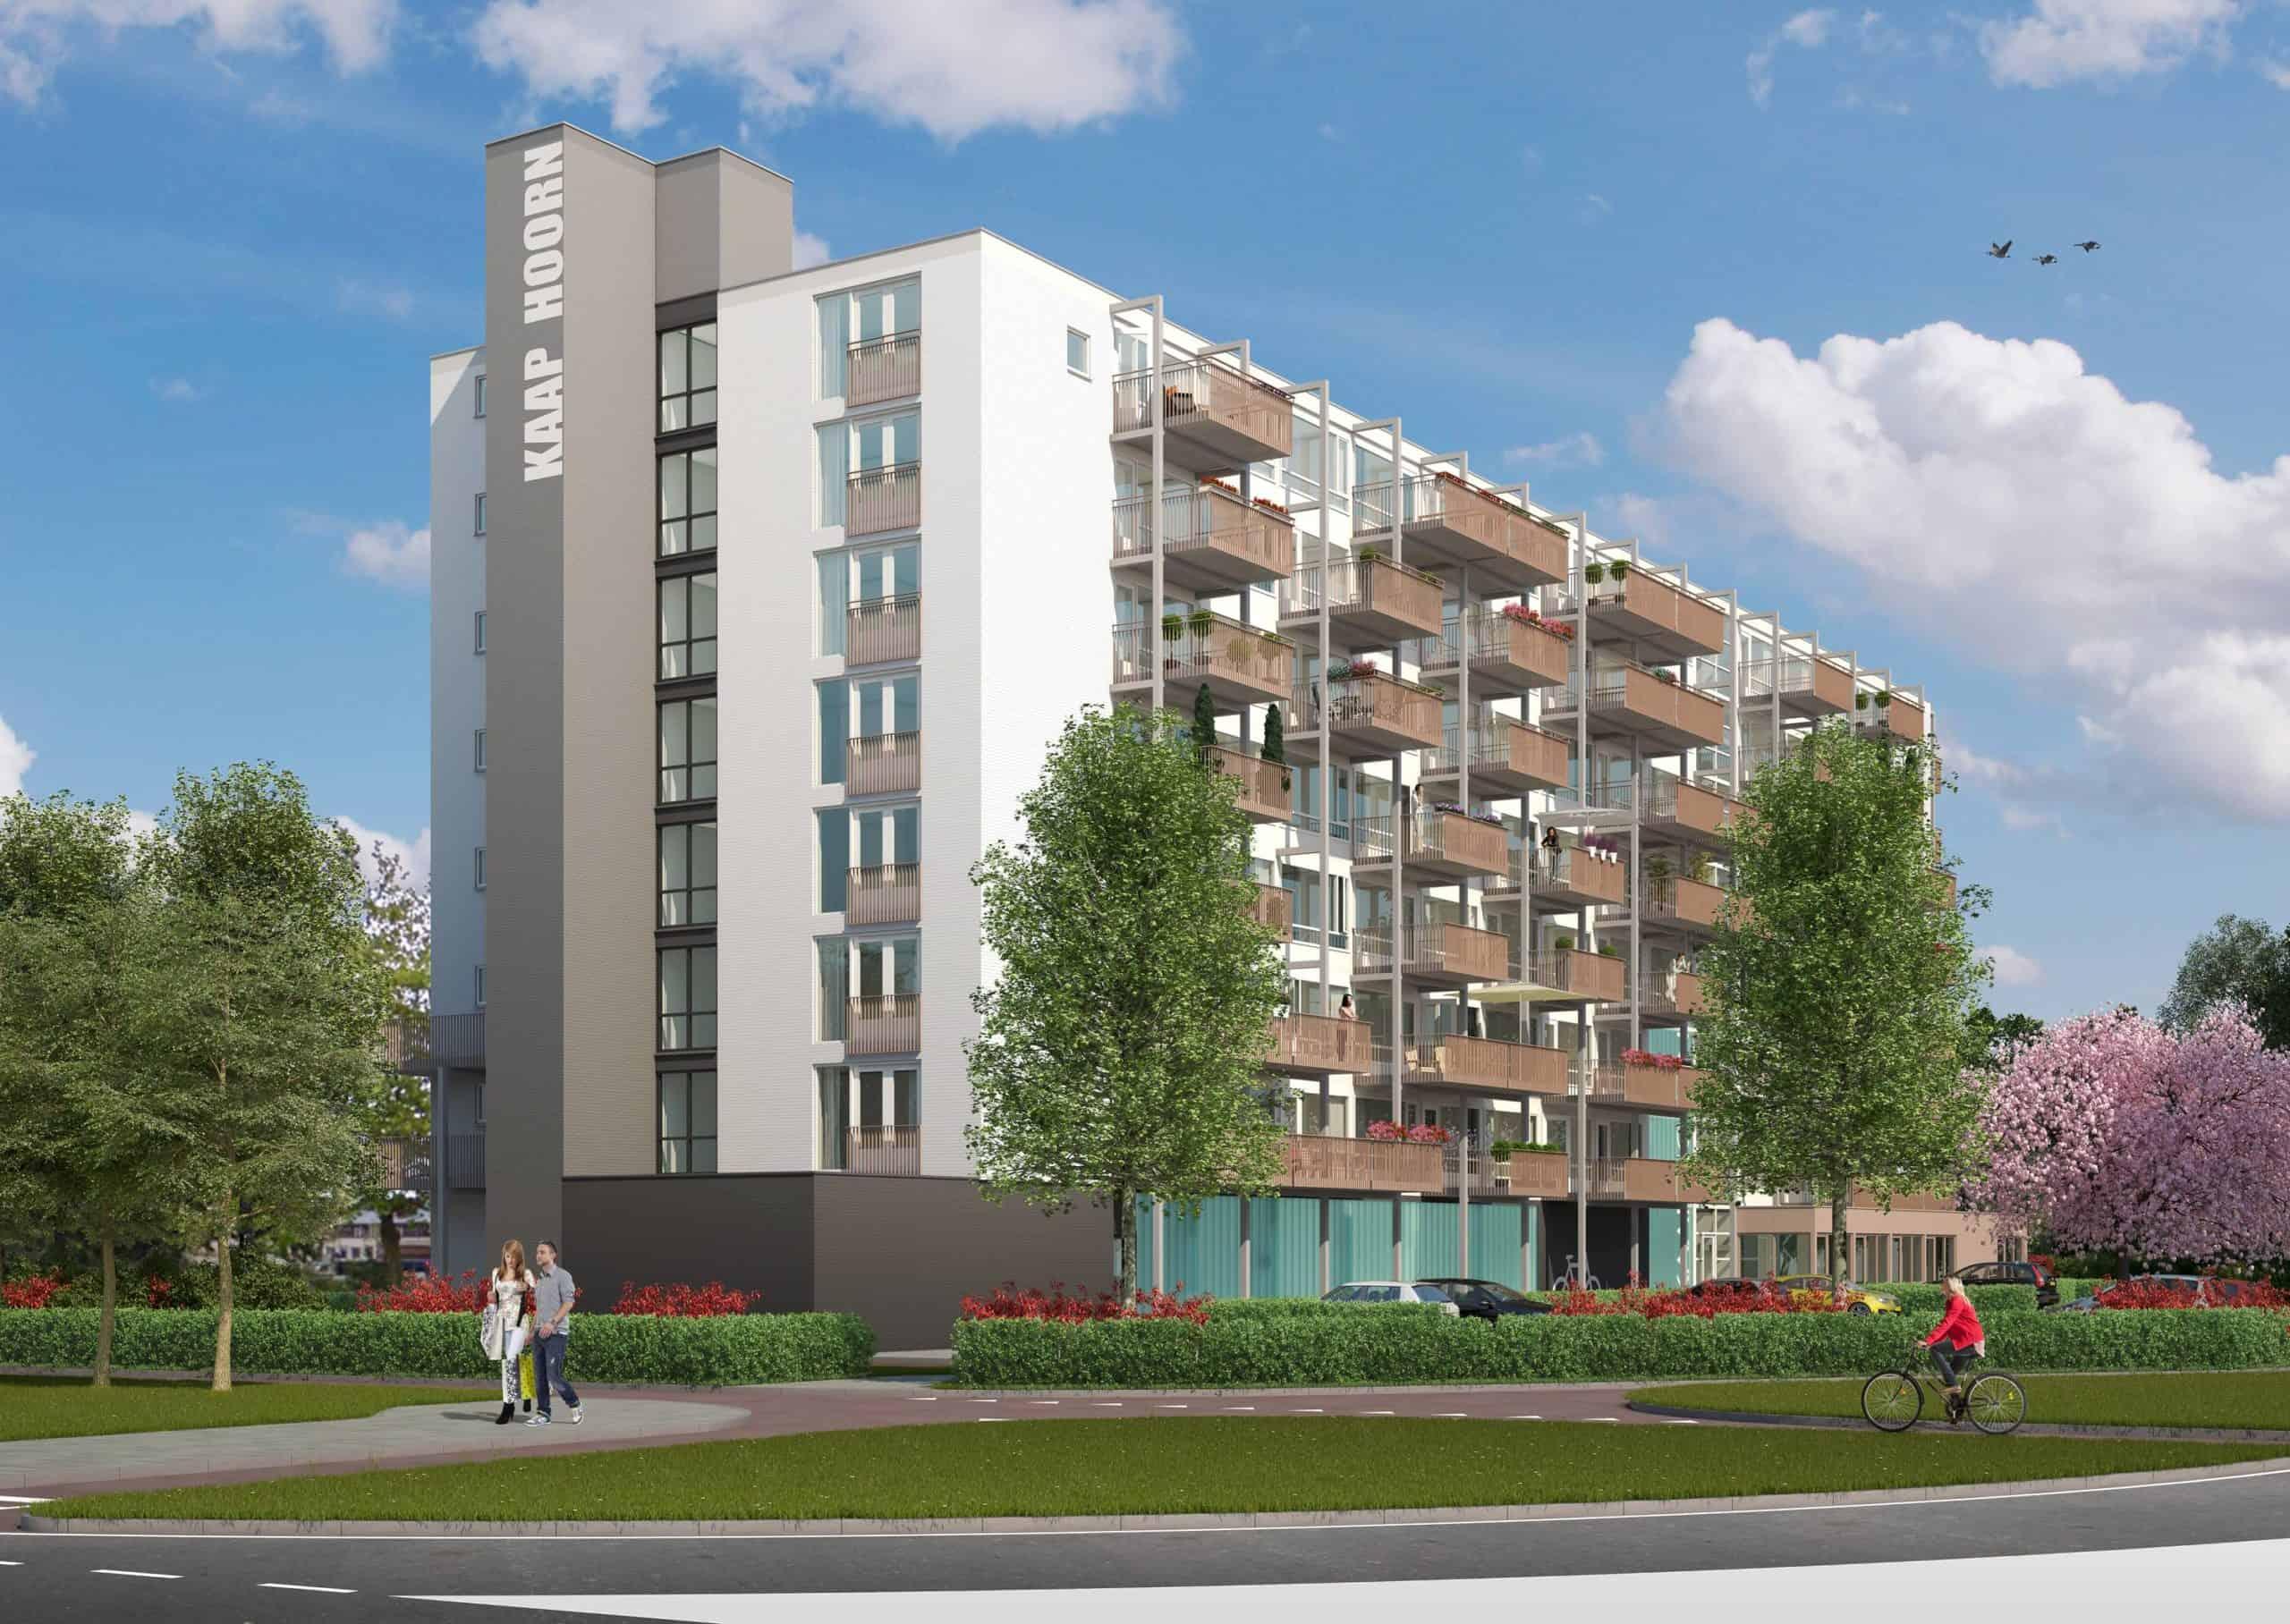 Het Liornehuis nieuwe stijl, met als extra de royale balkons. (Illustraties GeO Architecten/Constructiebureau Tentij)